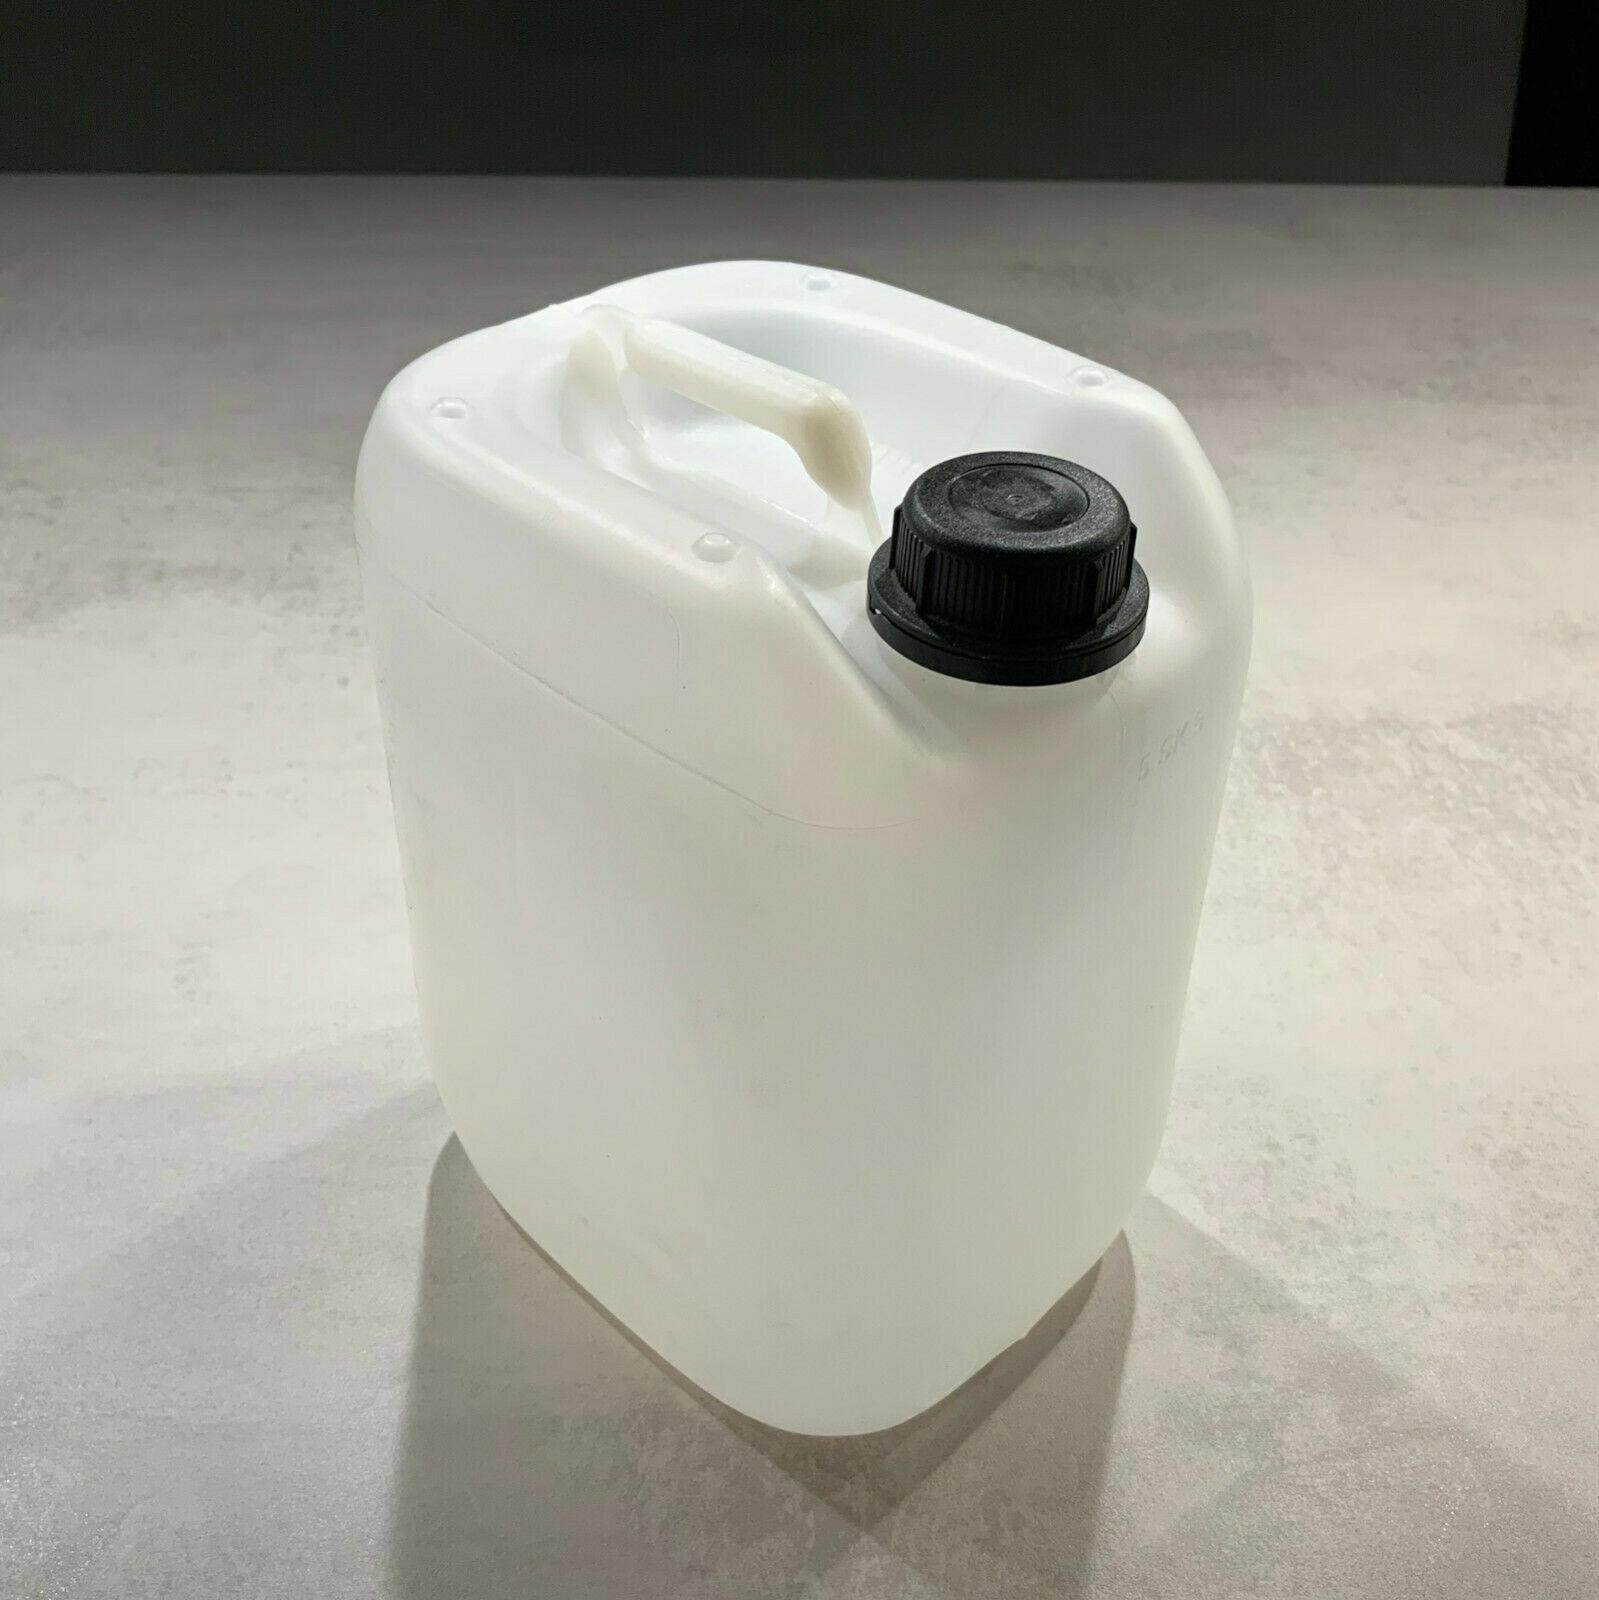 etc. bouteille récipient Nature sait 1,2,5,10l Bidons d/'eau /& des Marchandises Dangereuses ONU bidons